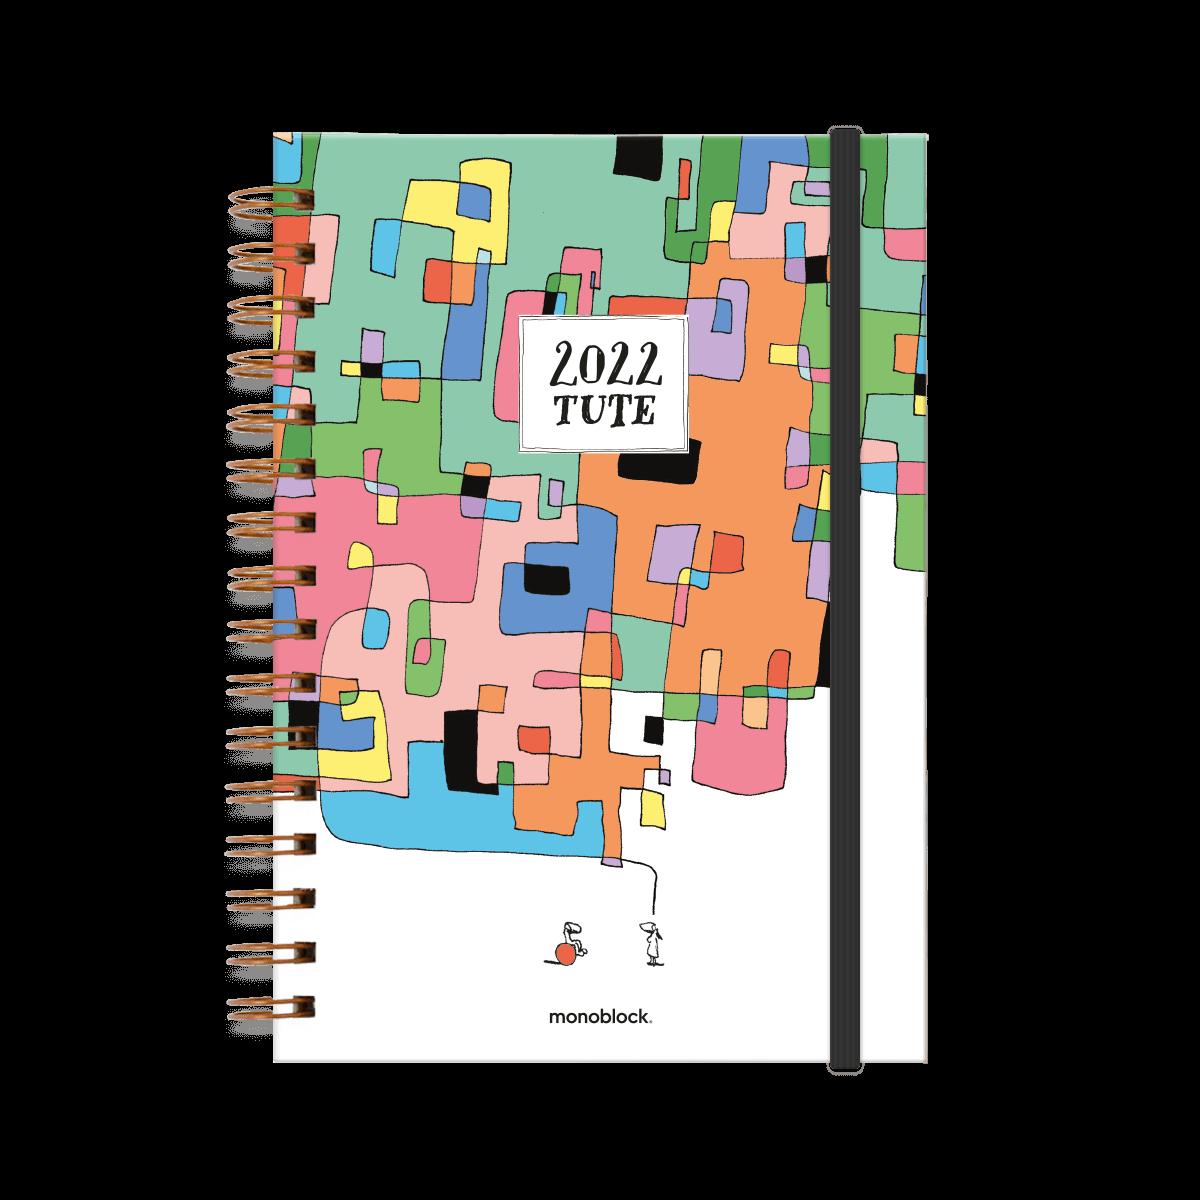 Tapa de agenda 2022 ilustrada por tute, en donde se ve una pareja. El globo de diálogo de la mujer son muchos cuadraditos de colores.